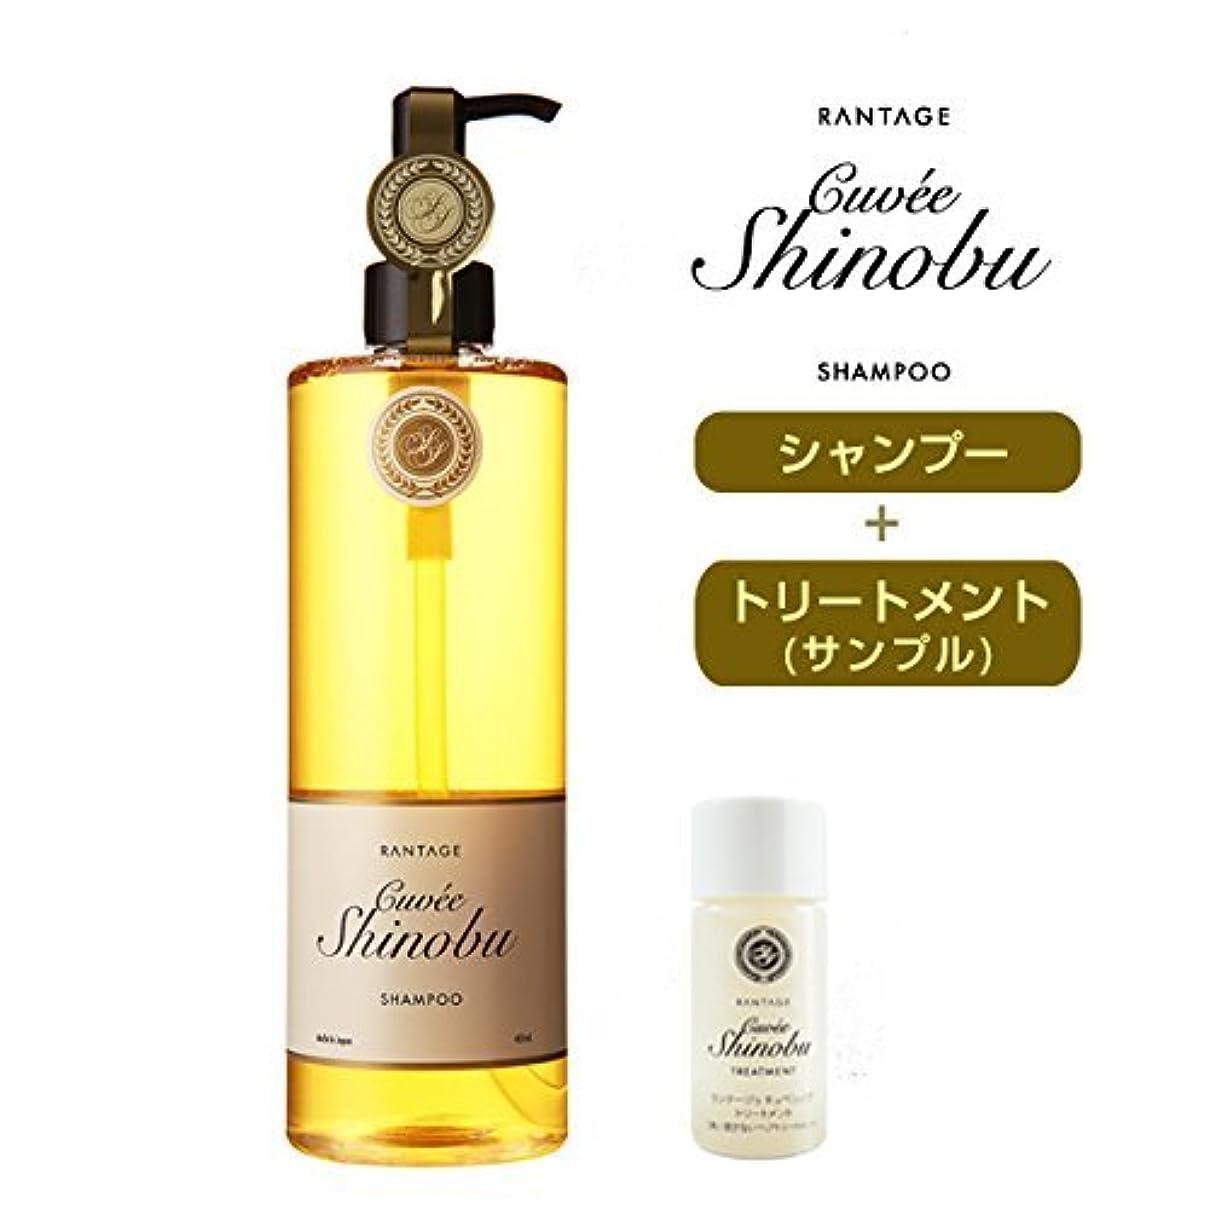 水素溶接毒性【美容室専用】ランテージュキュベシノブシャンプー 400ml